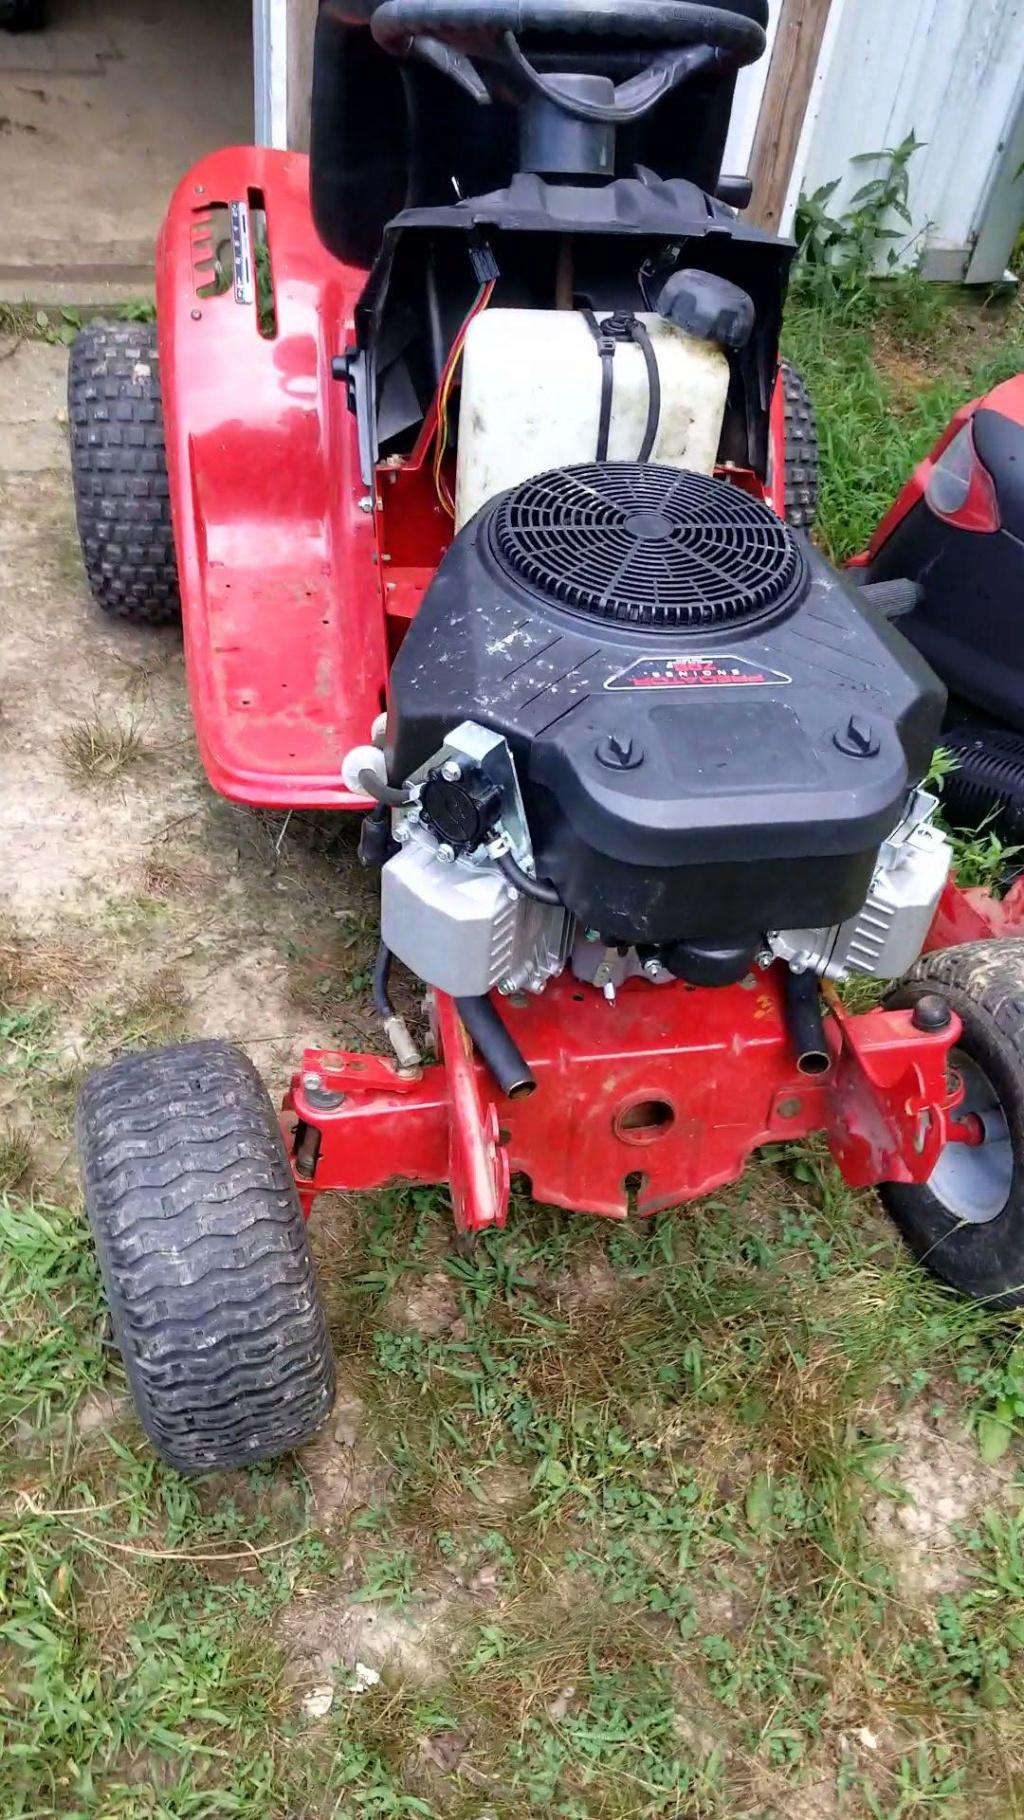 Troy Built Mud Mower 708cc Predator V-Twin Videoc10